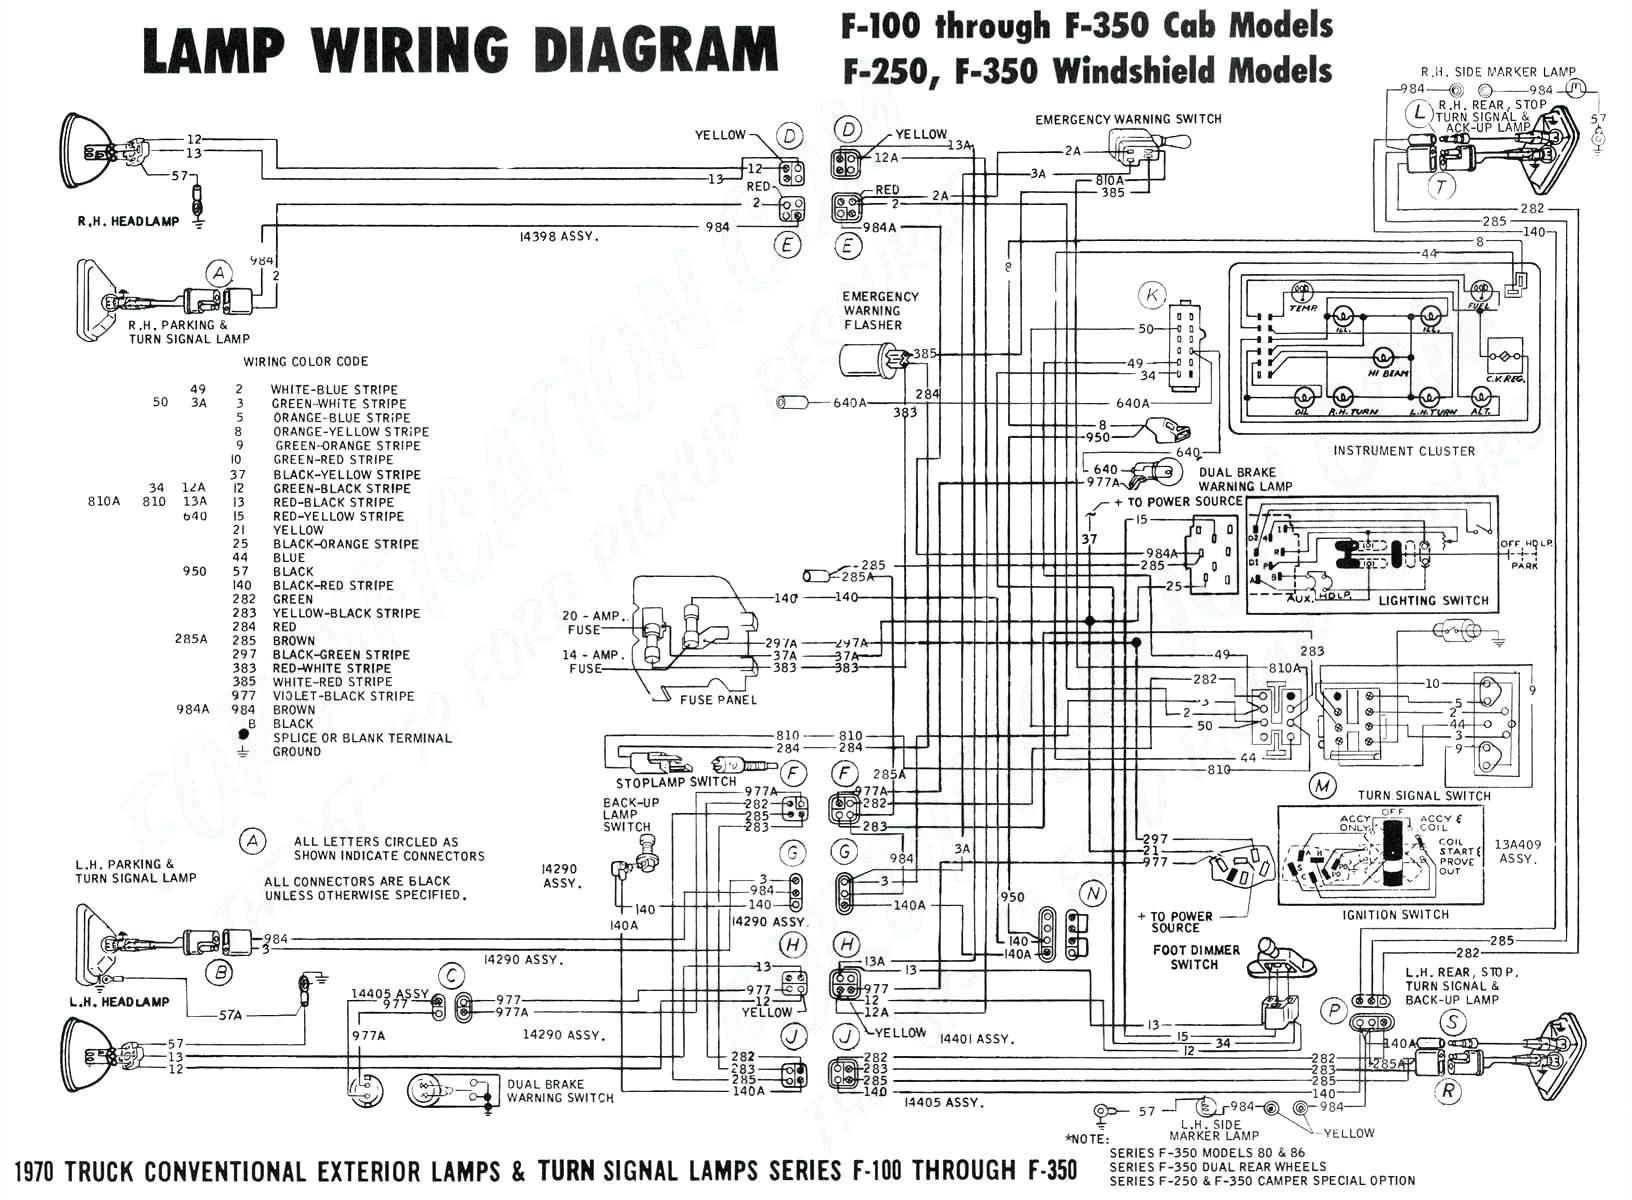 1998 dodge grand caravan fuse diagram wiring diagram repair guides 1999